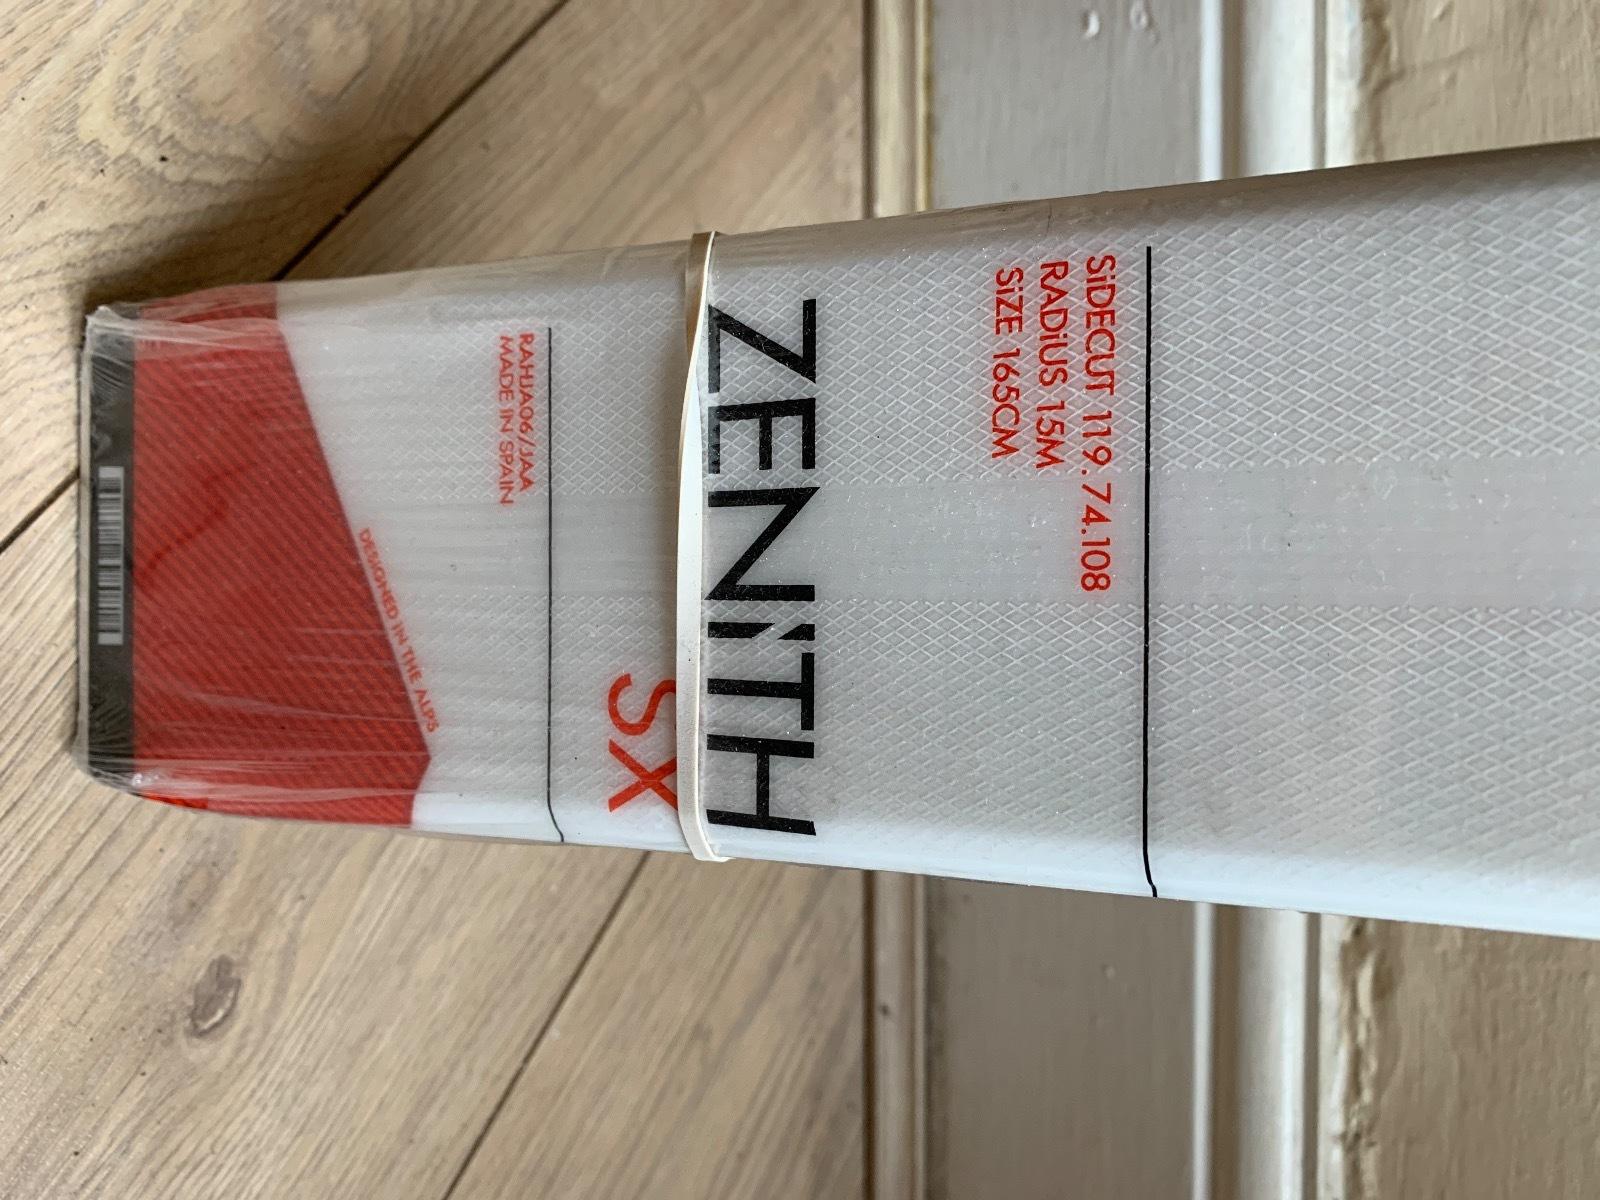 BRAND NEW rossignol zenith sx fr